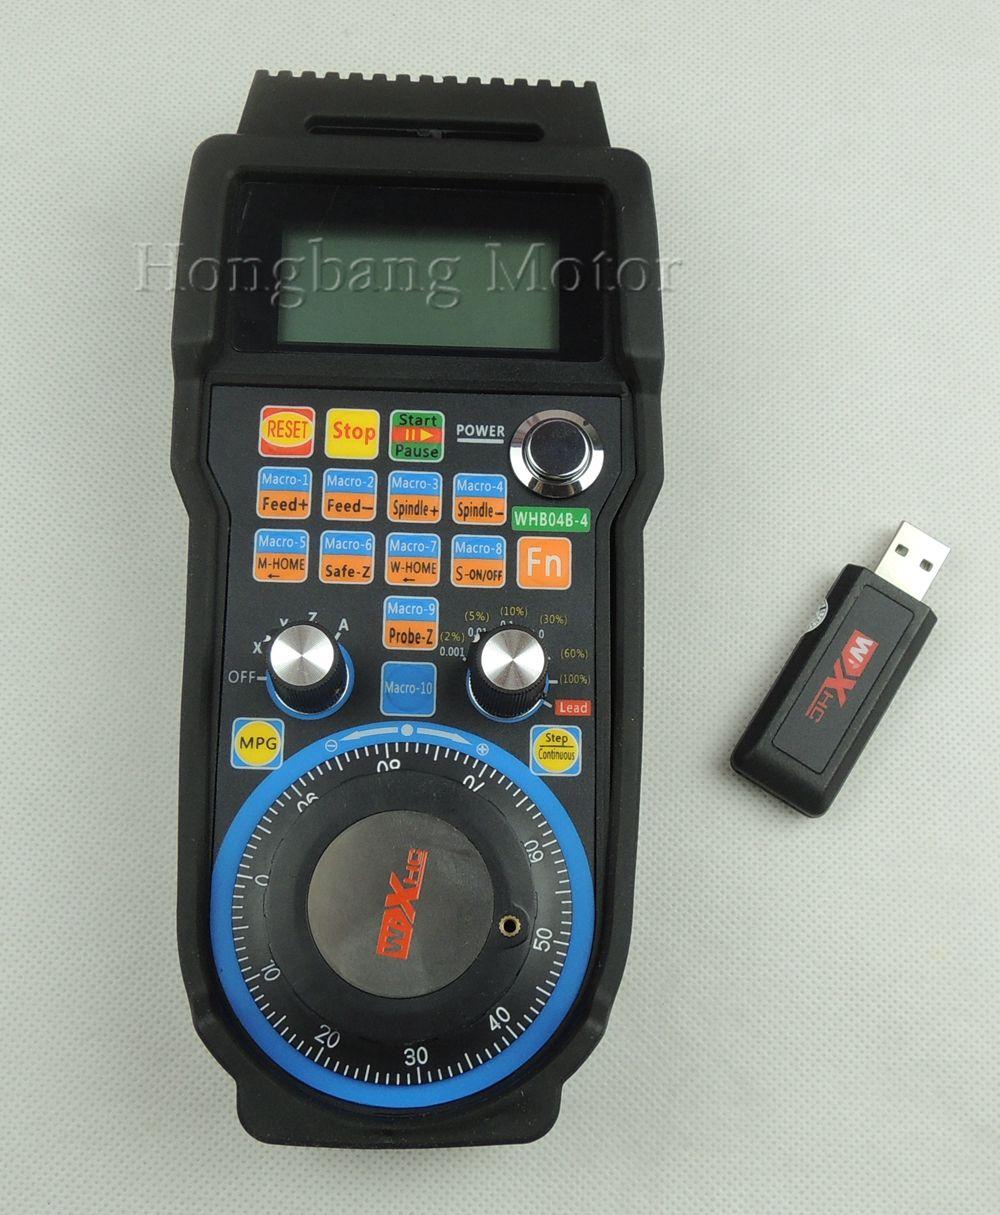 Graviermaschine fernbedienung handrad mach3 MPG USB wireless handrad für CNC 3 achsen 4 controller fräsmaschine